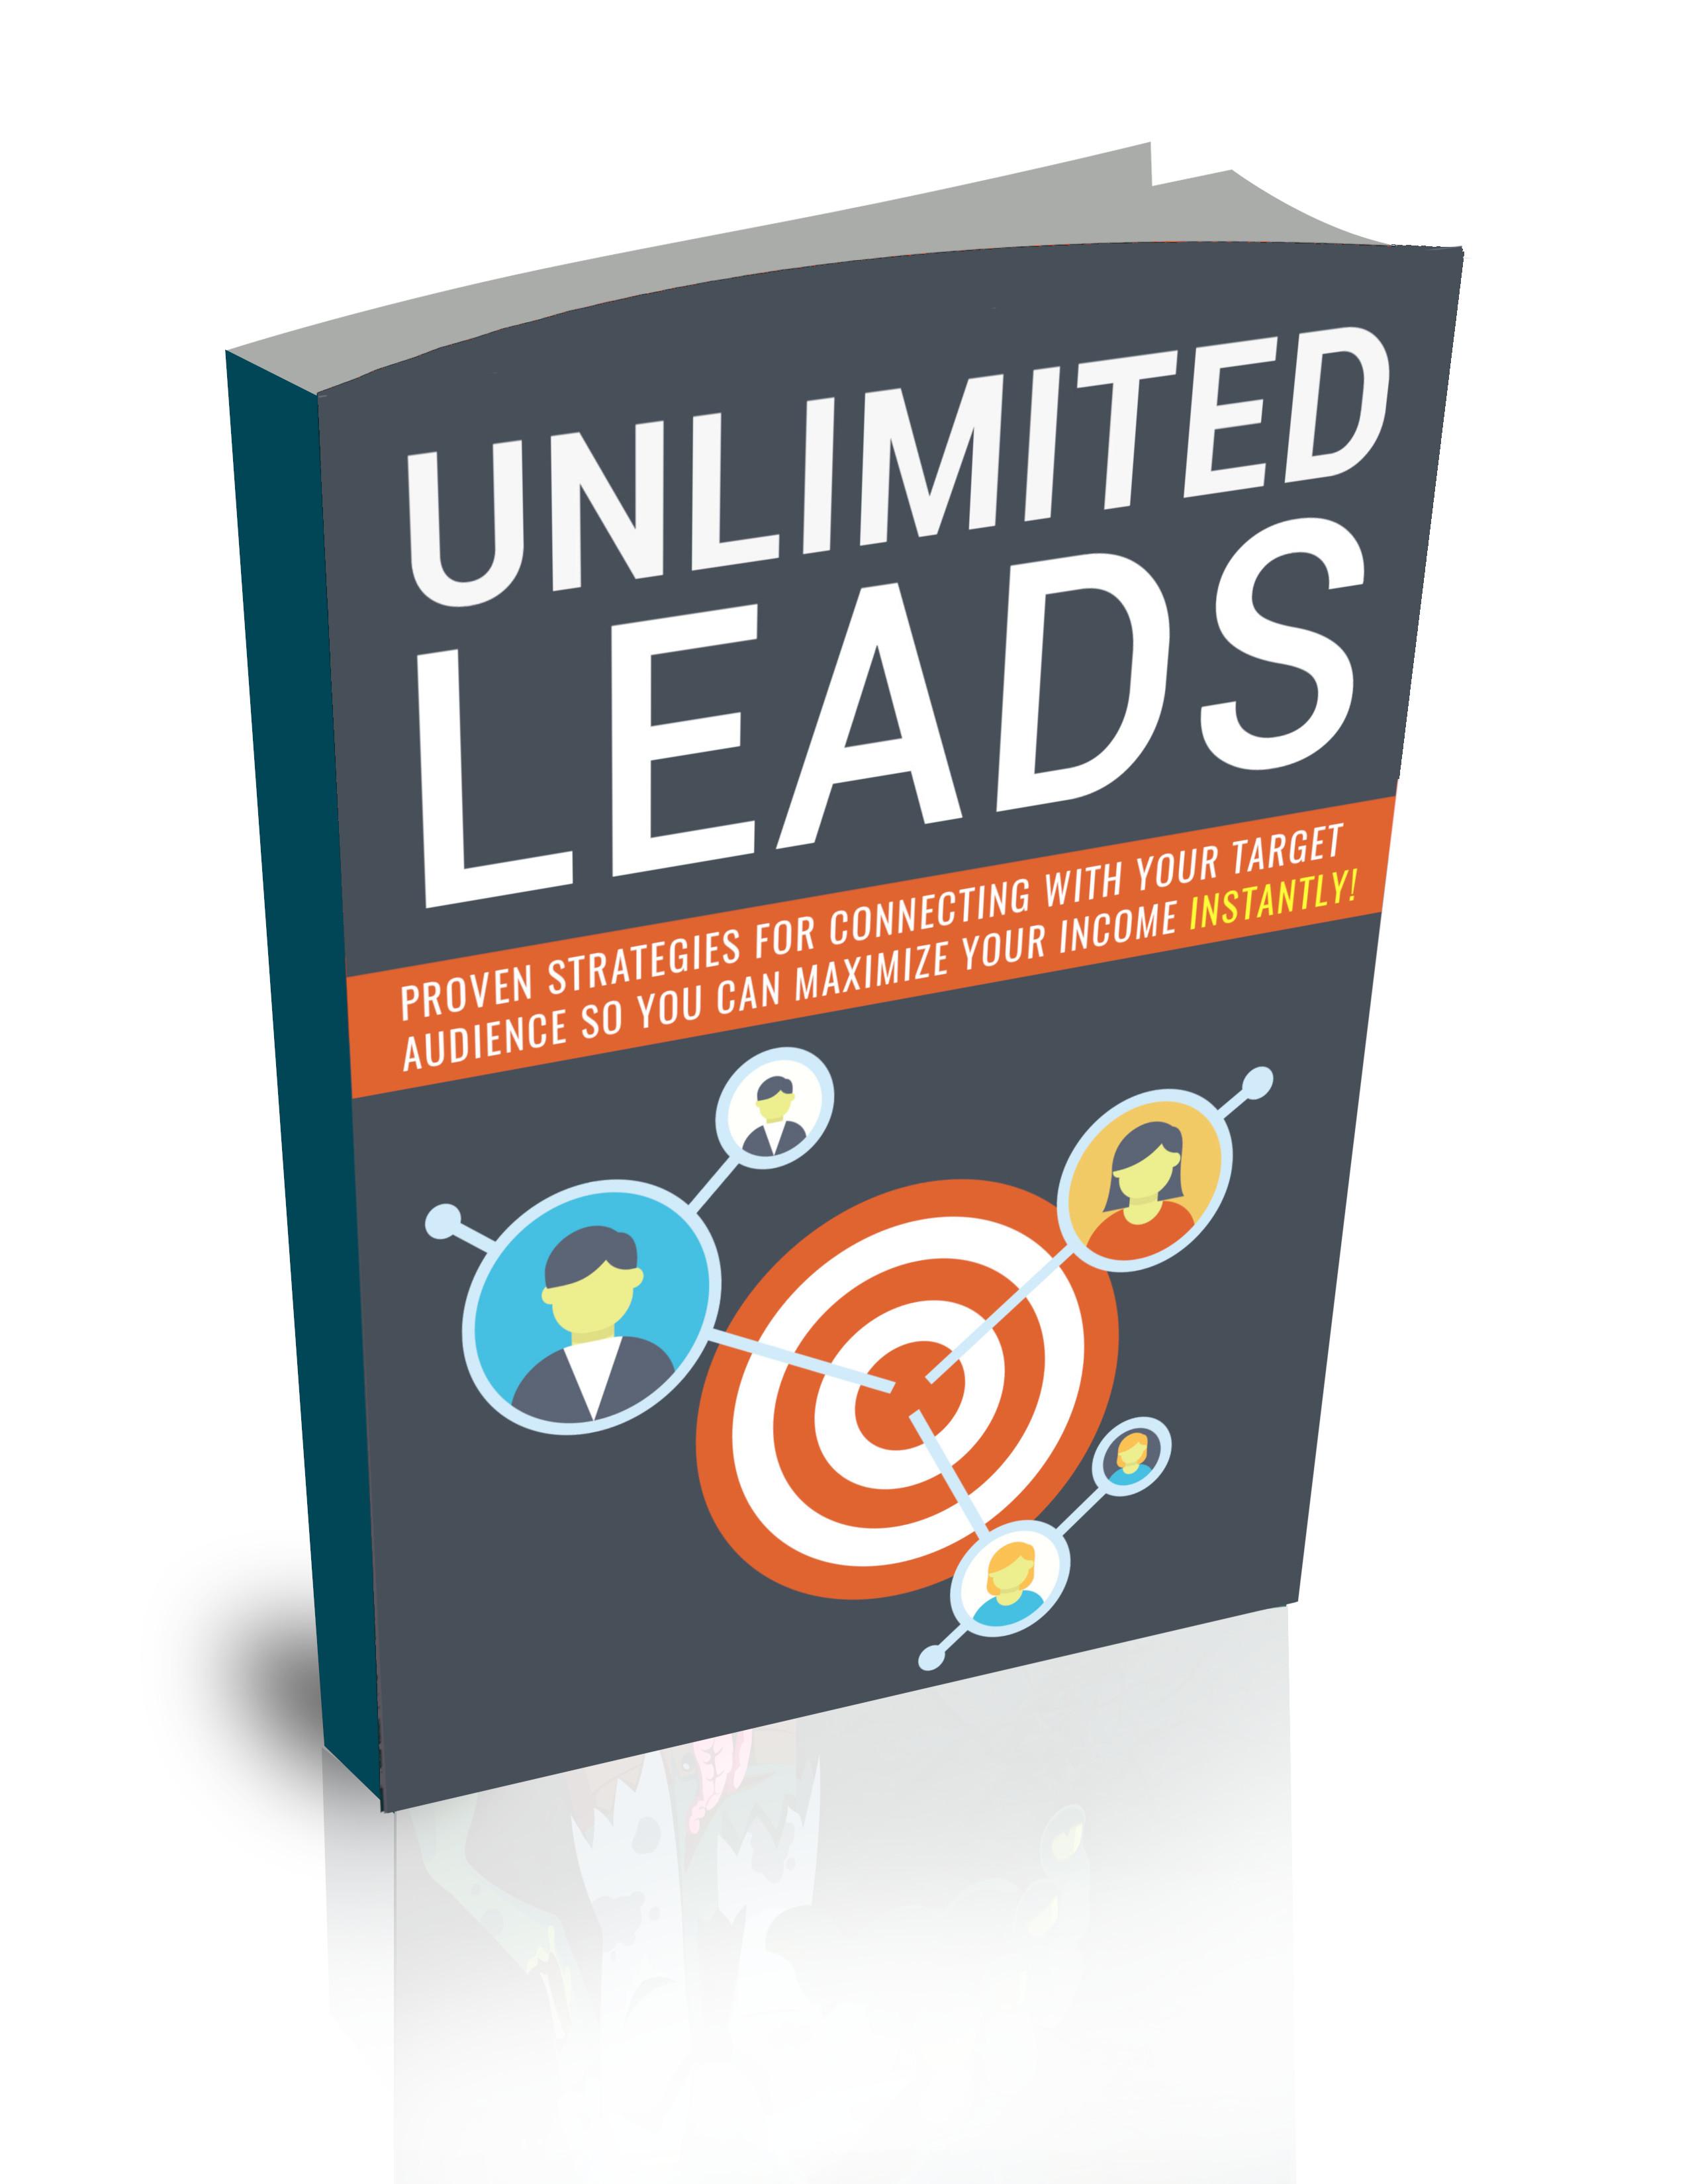 UnlimitedLeads